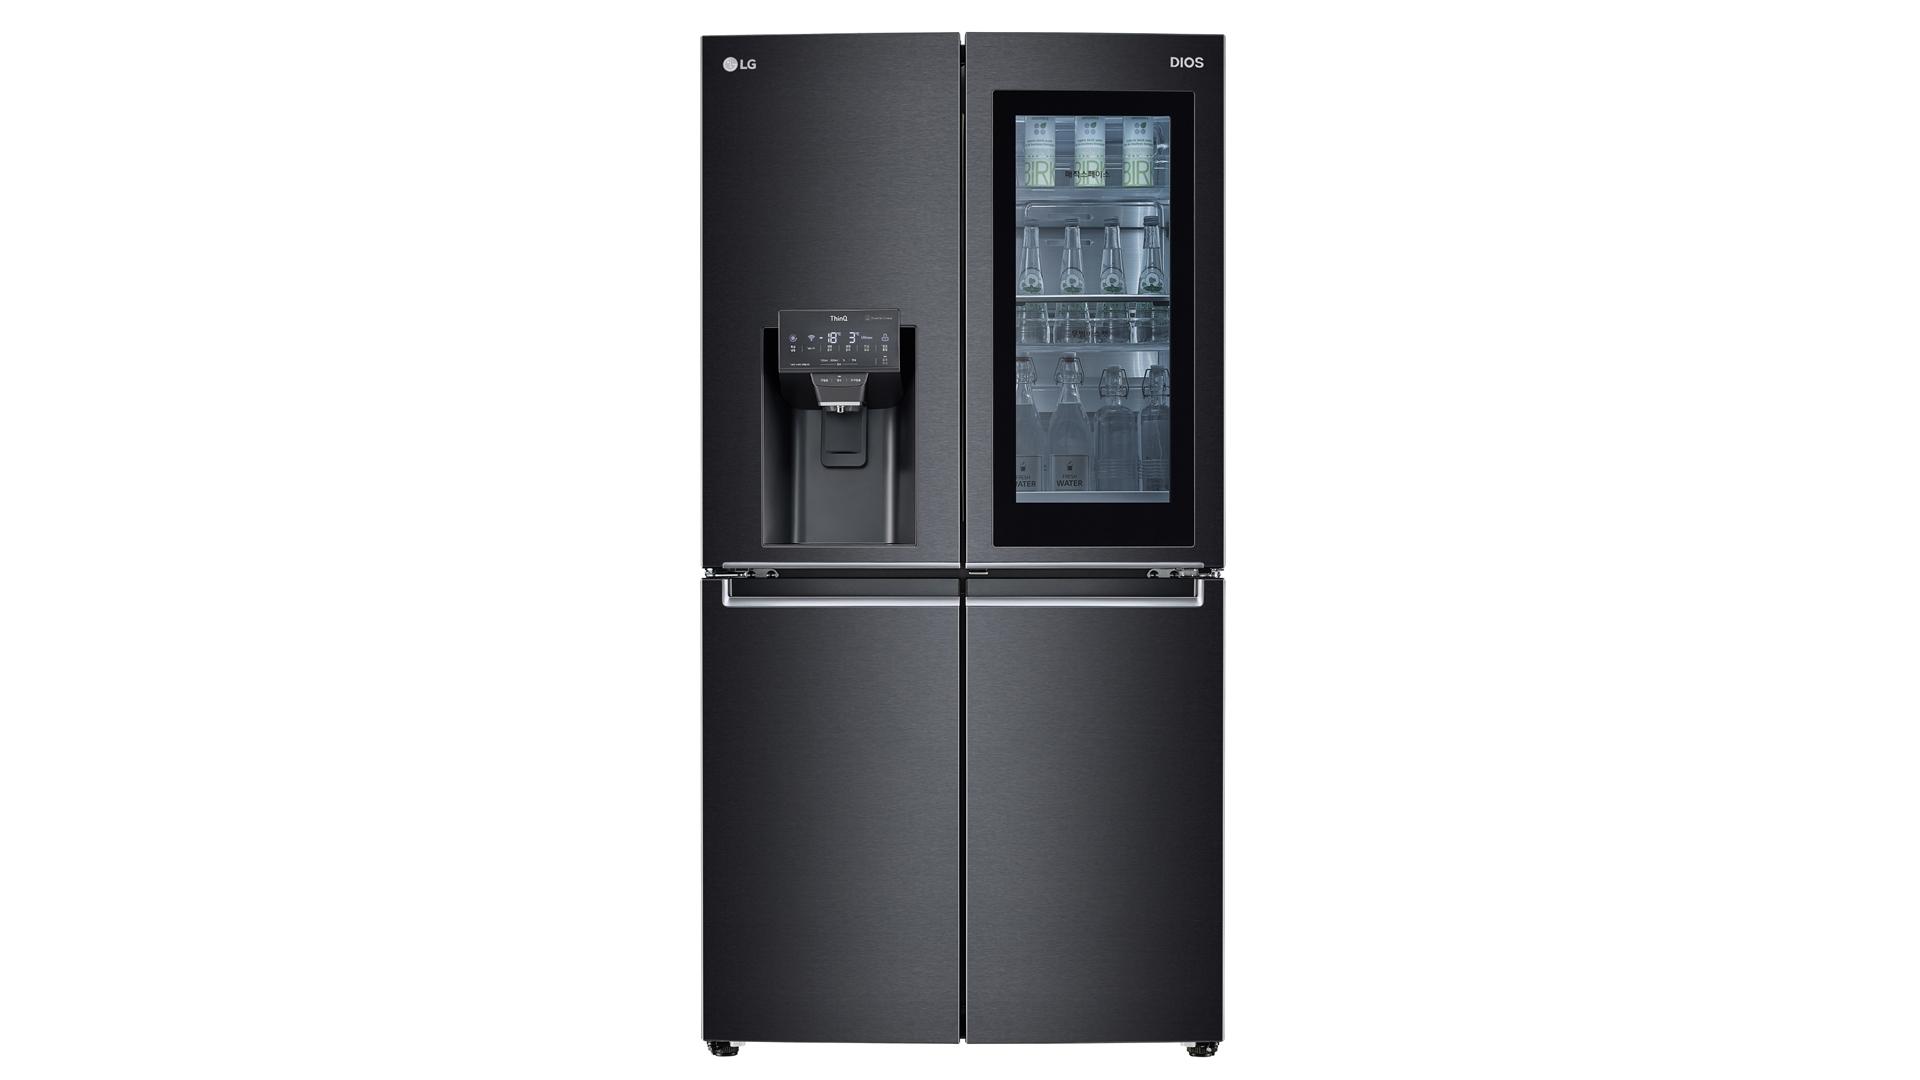 디오스 얼음정수기냉장고' 출시